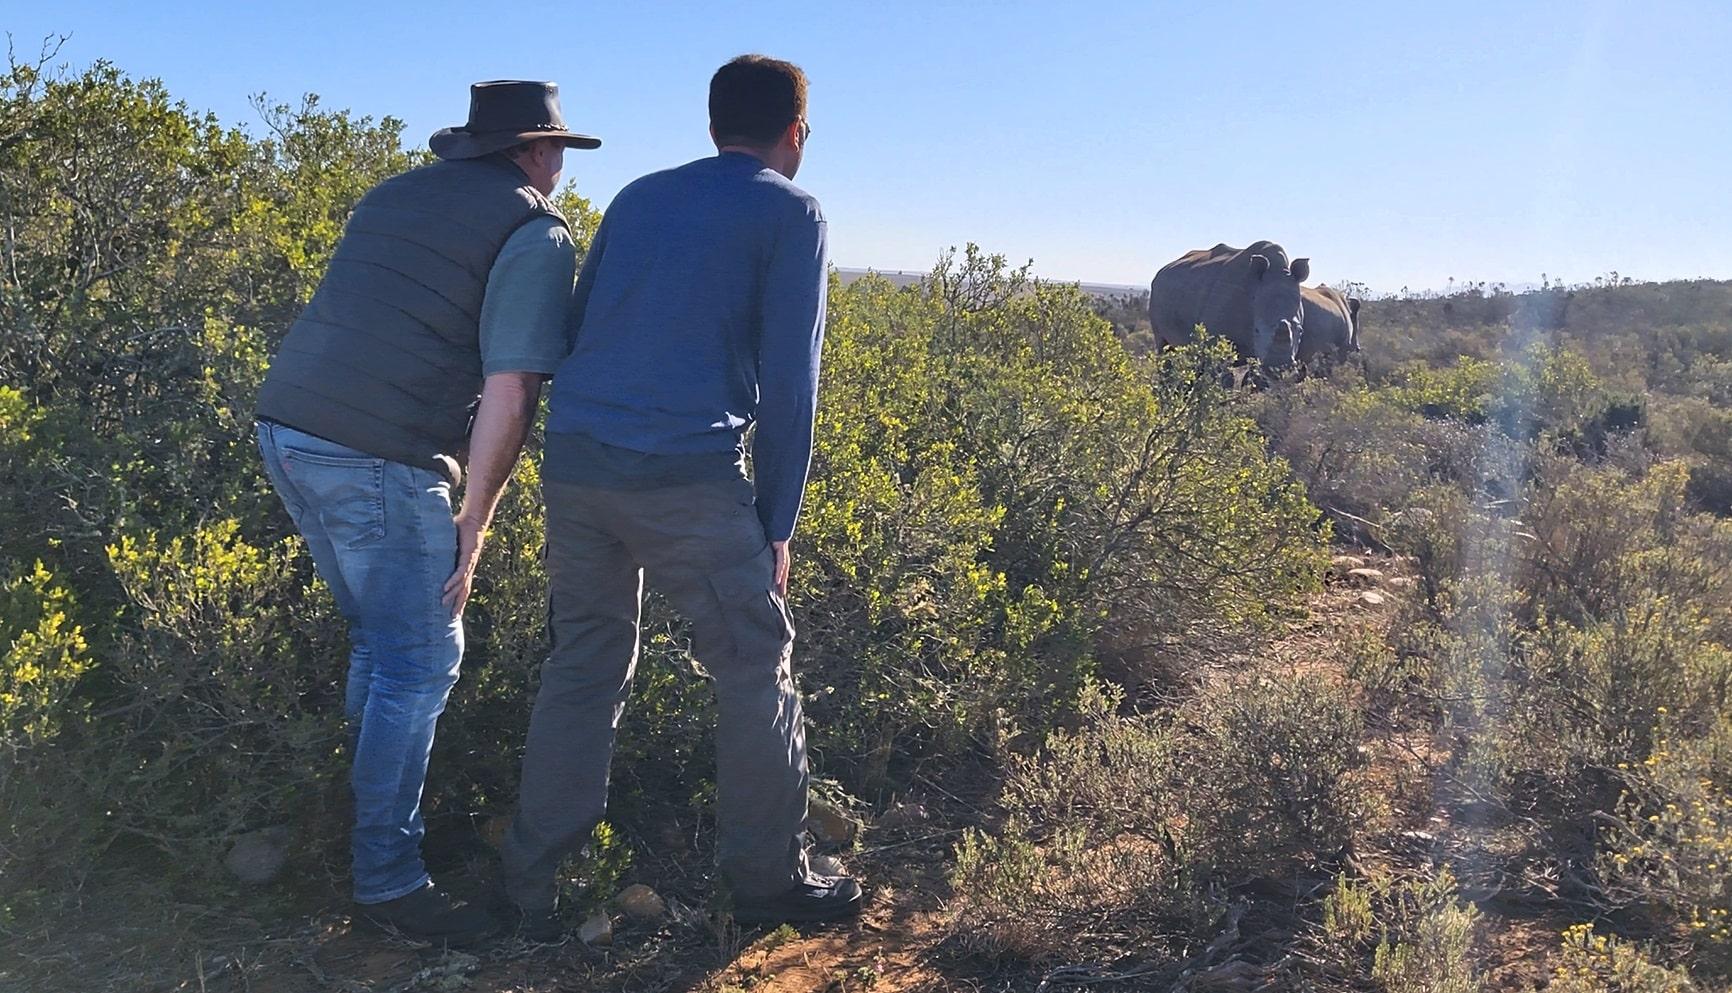 passeggiare con gli elefanti (1)